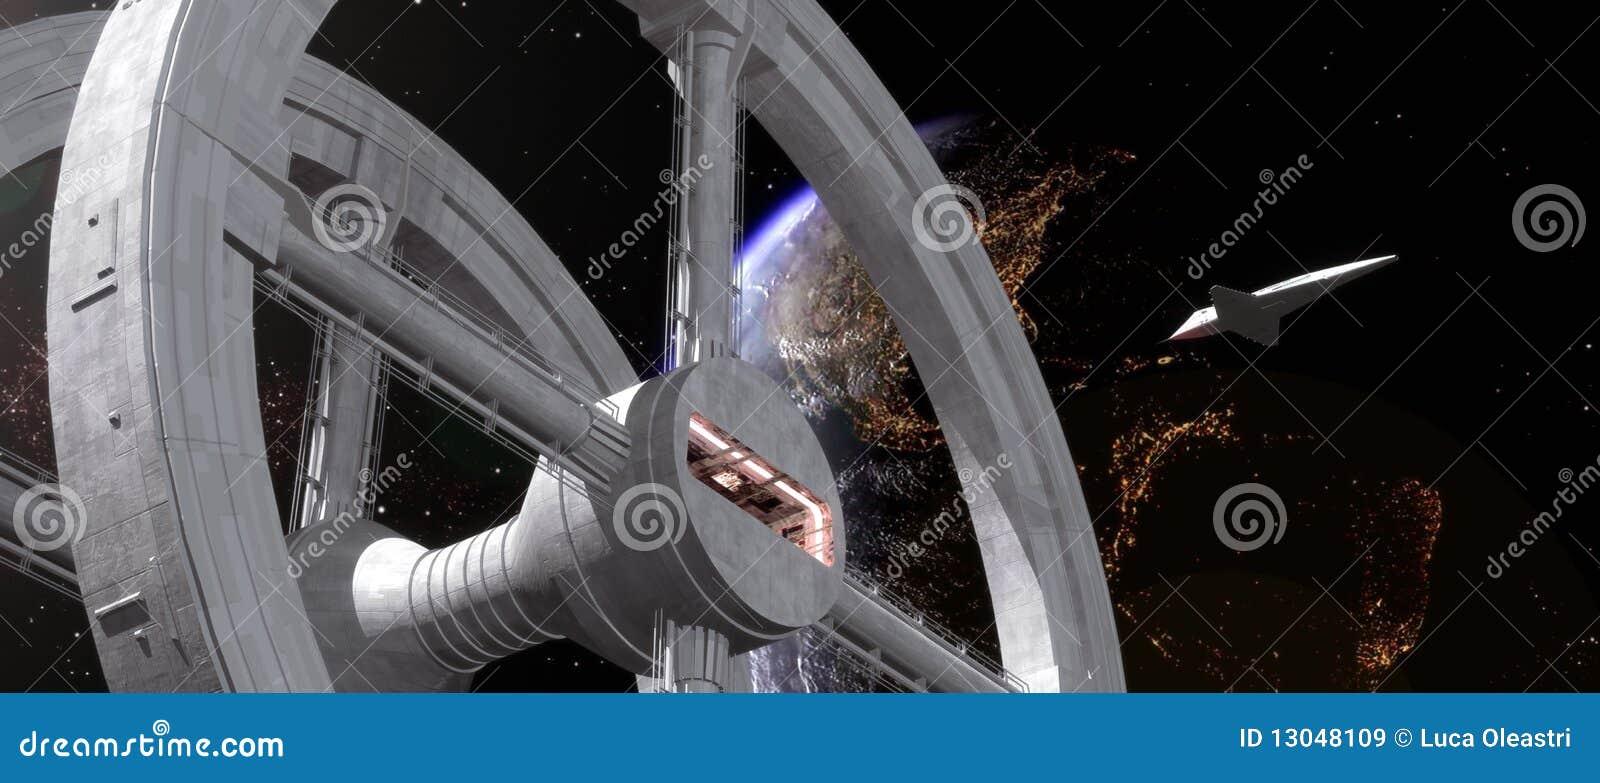 Raumstation und Doppelventilkegel